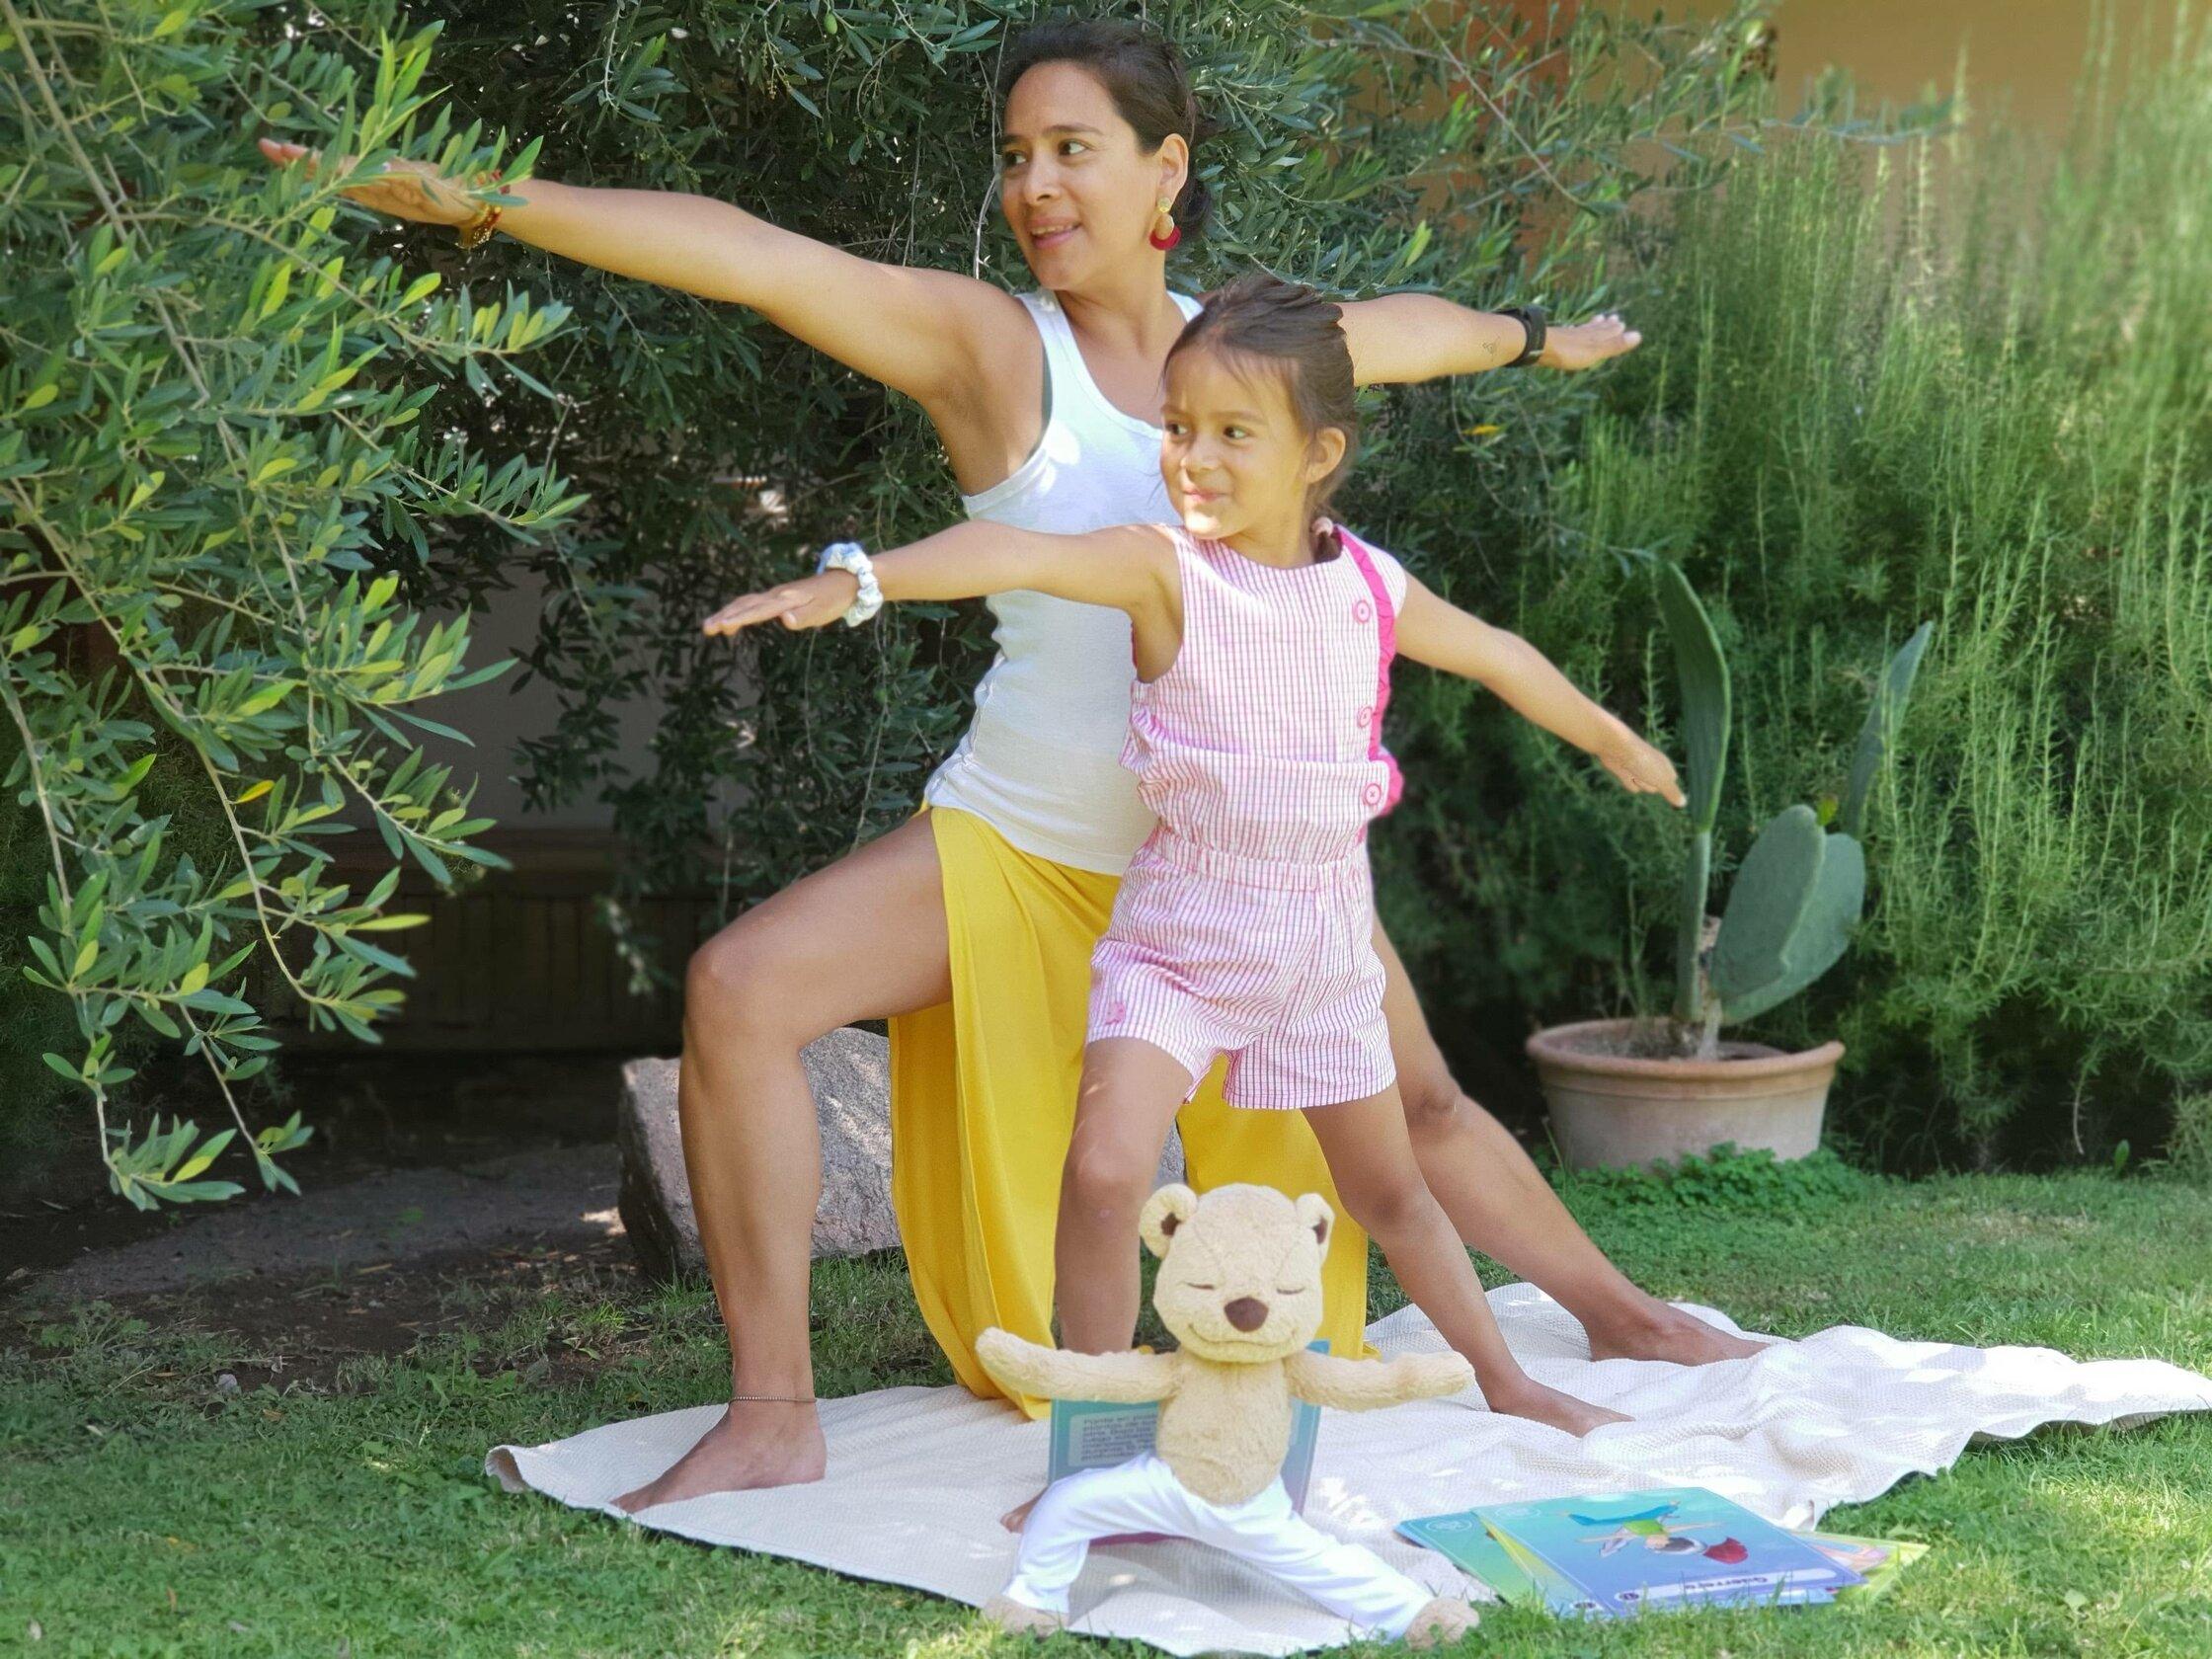 Practica Yoga junto a tus niños y vive hermosos momentos en familia